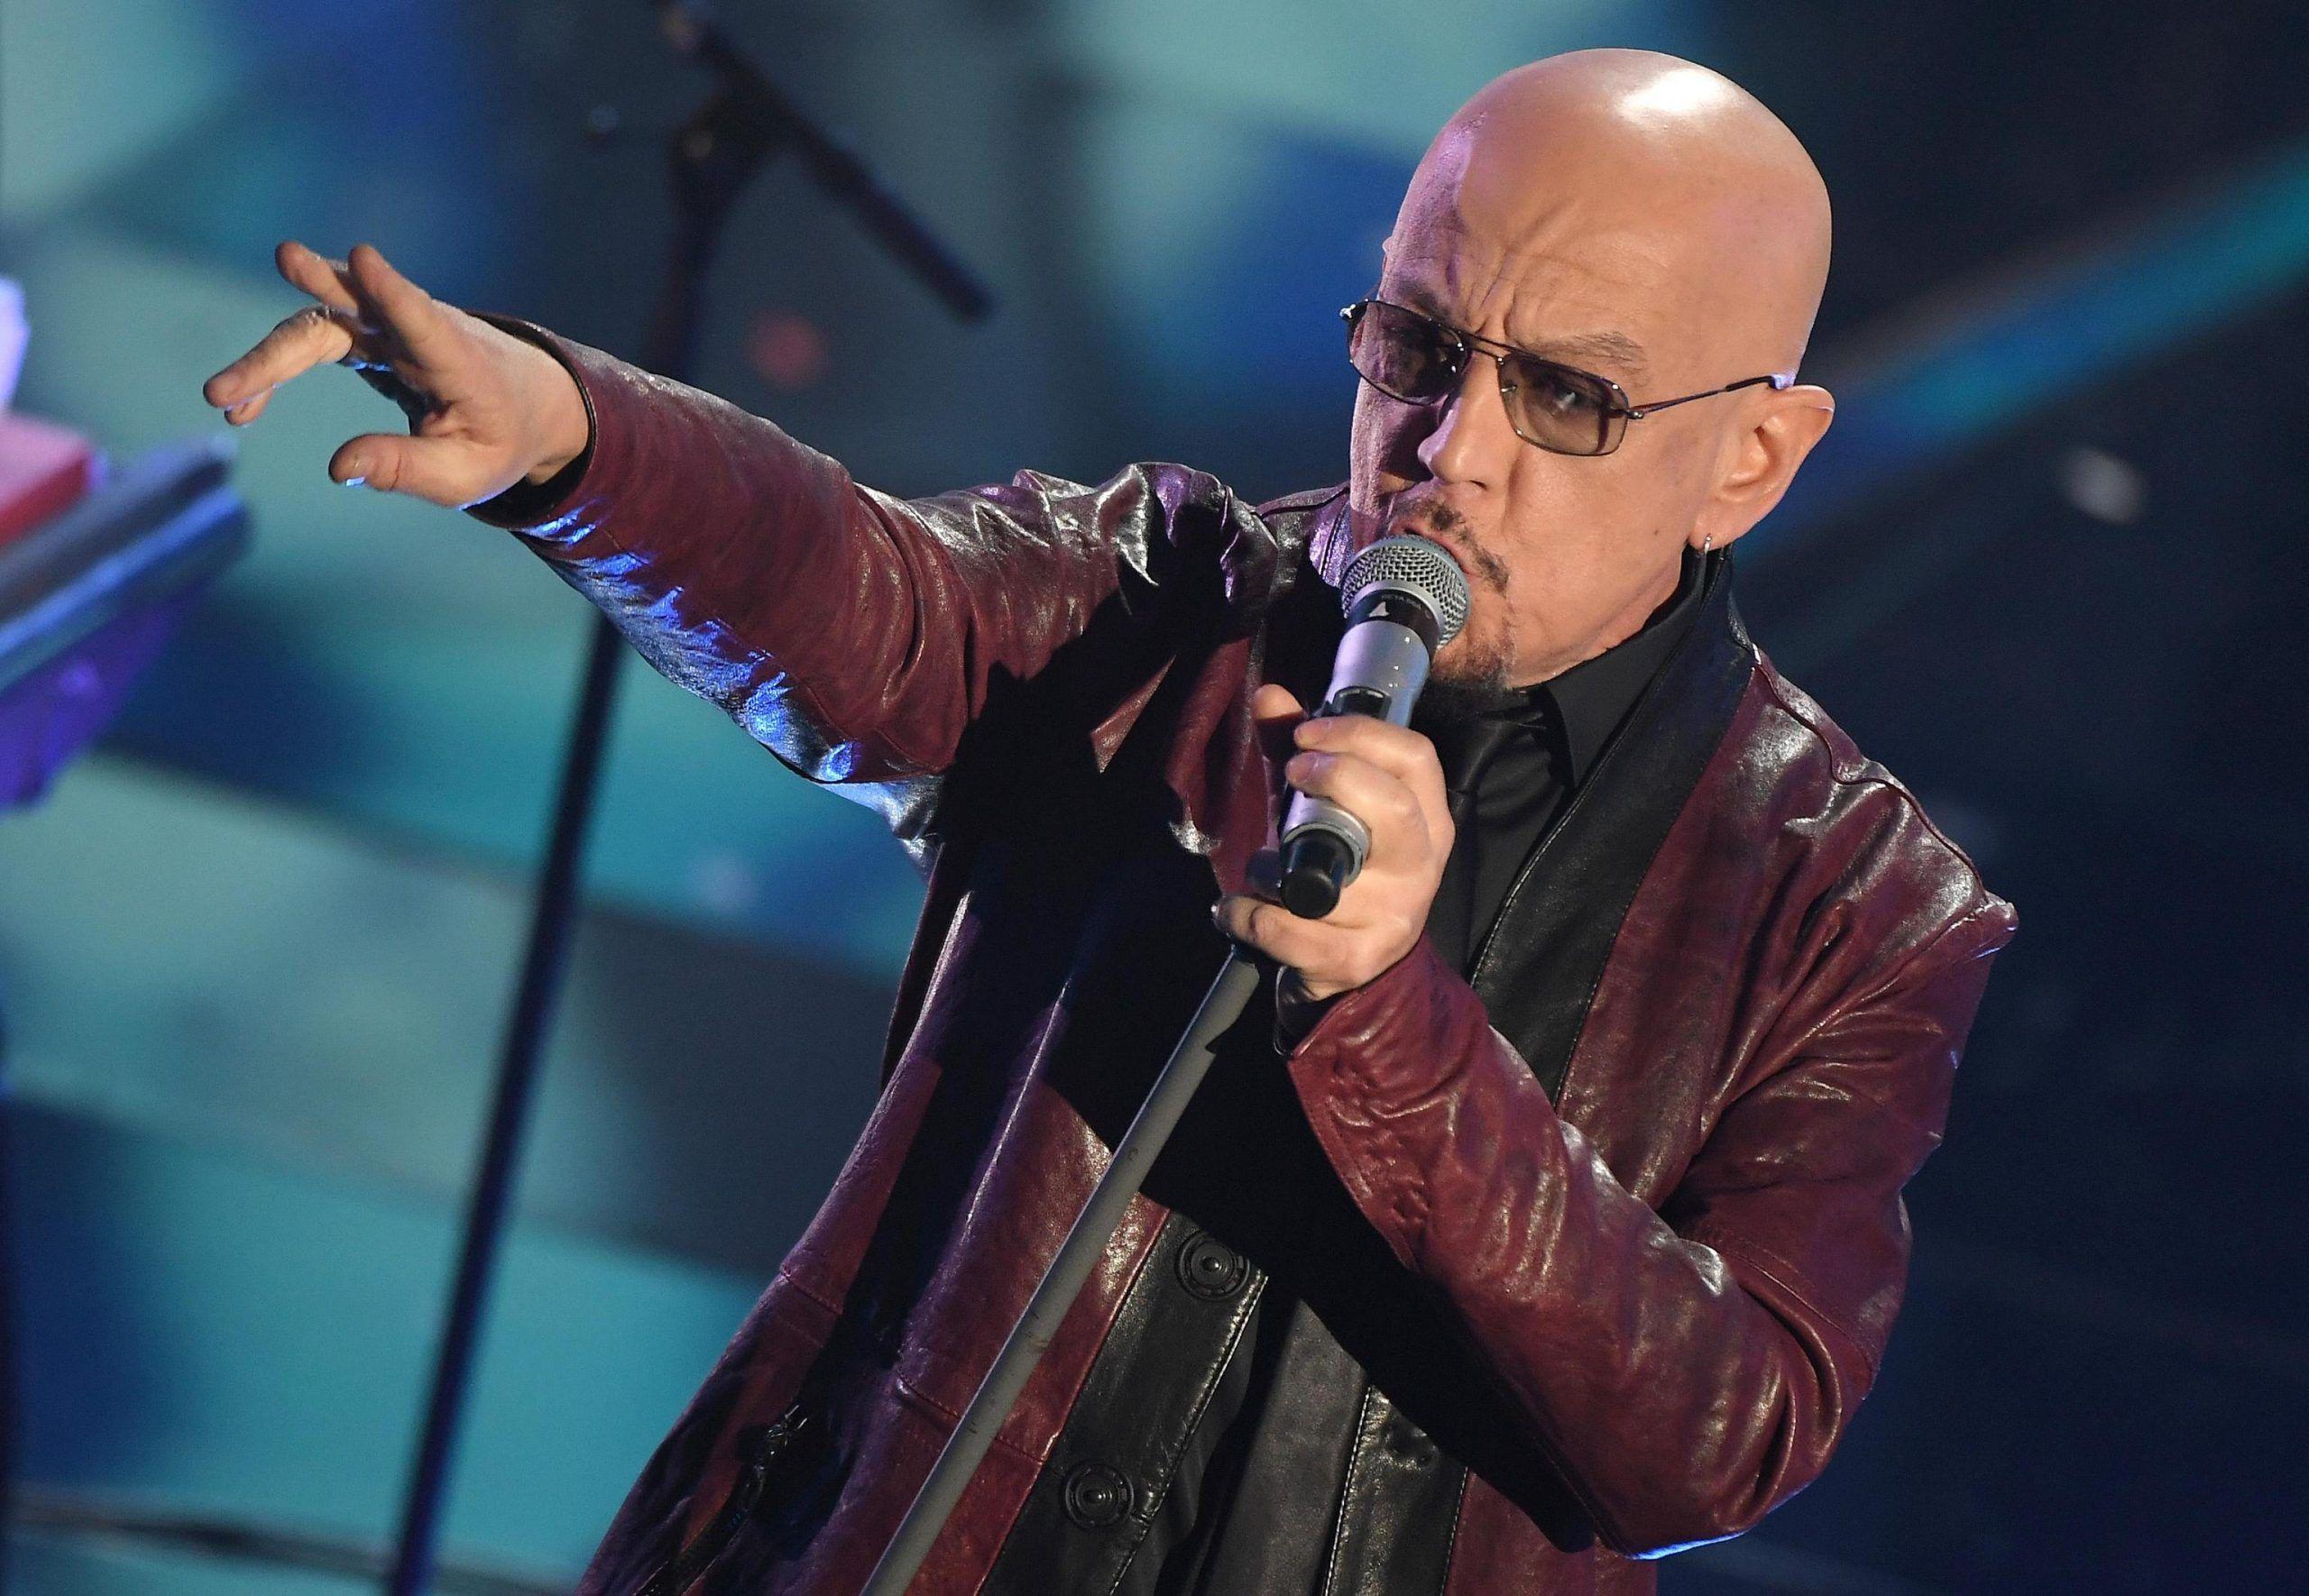 Enrico Ruggeri incidente per il cantante: '400 metri in testa-coda'